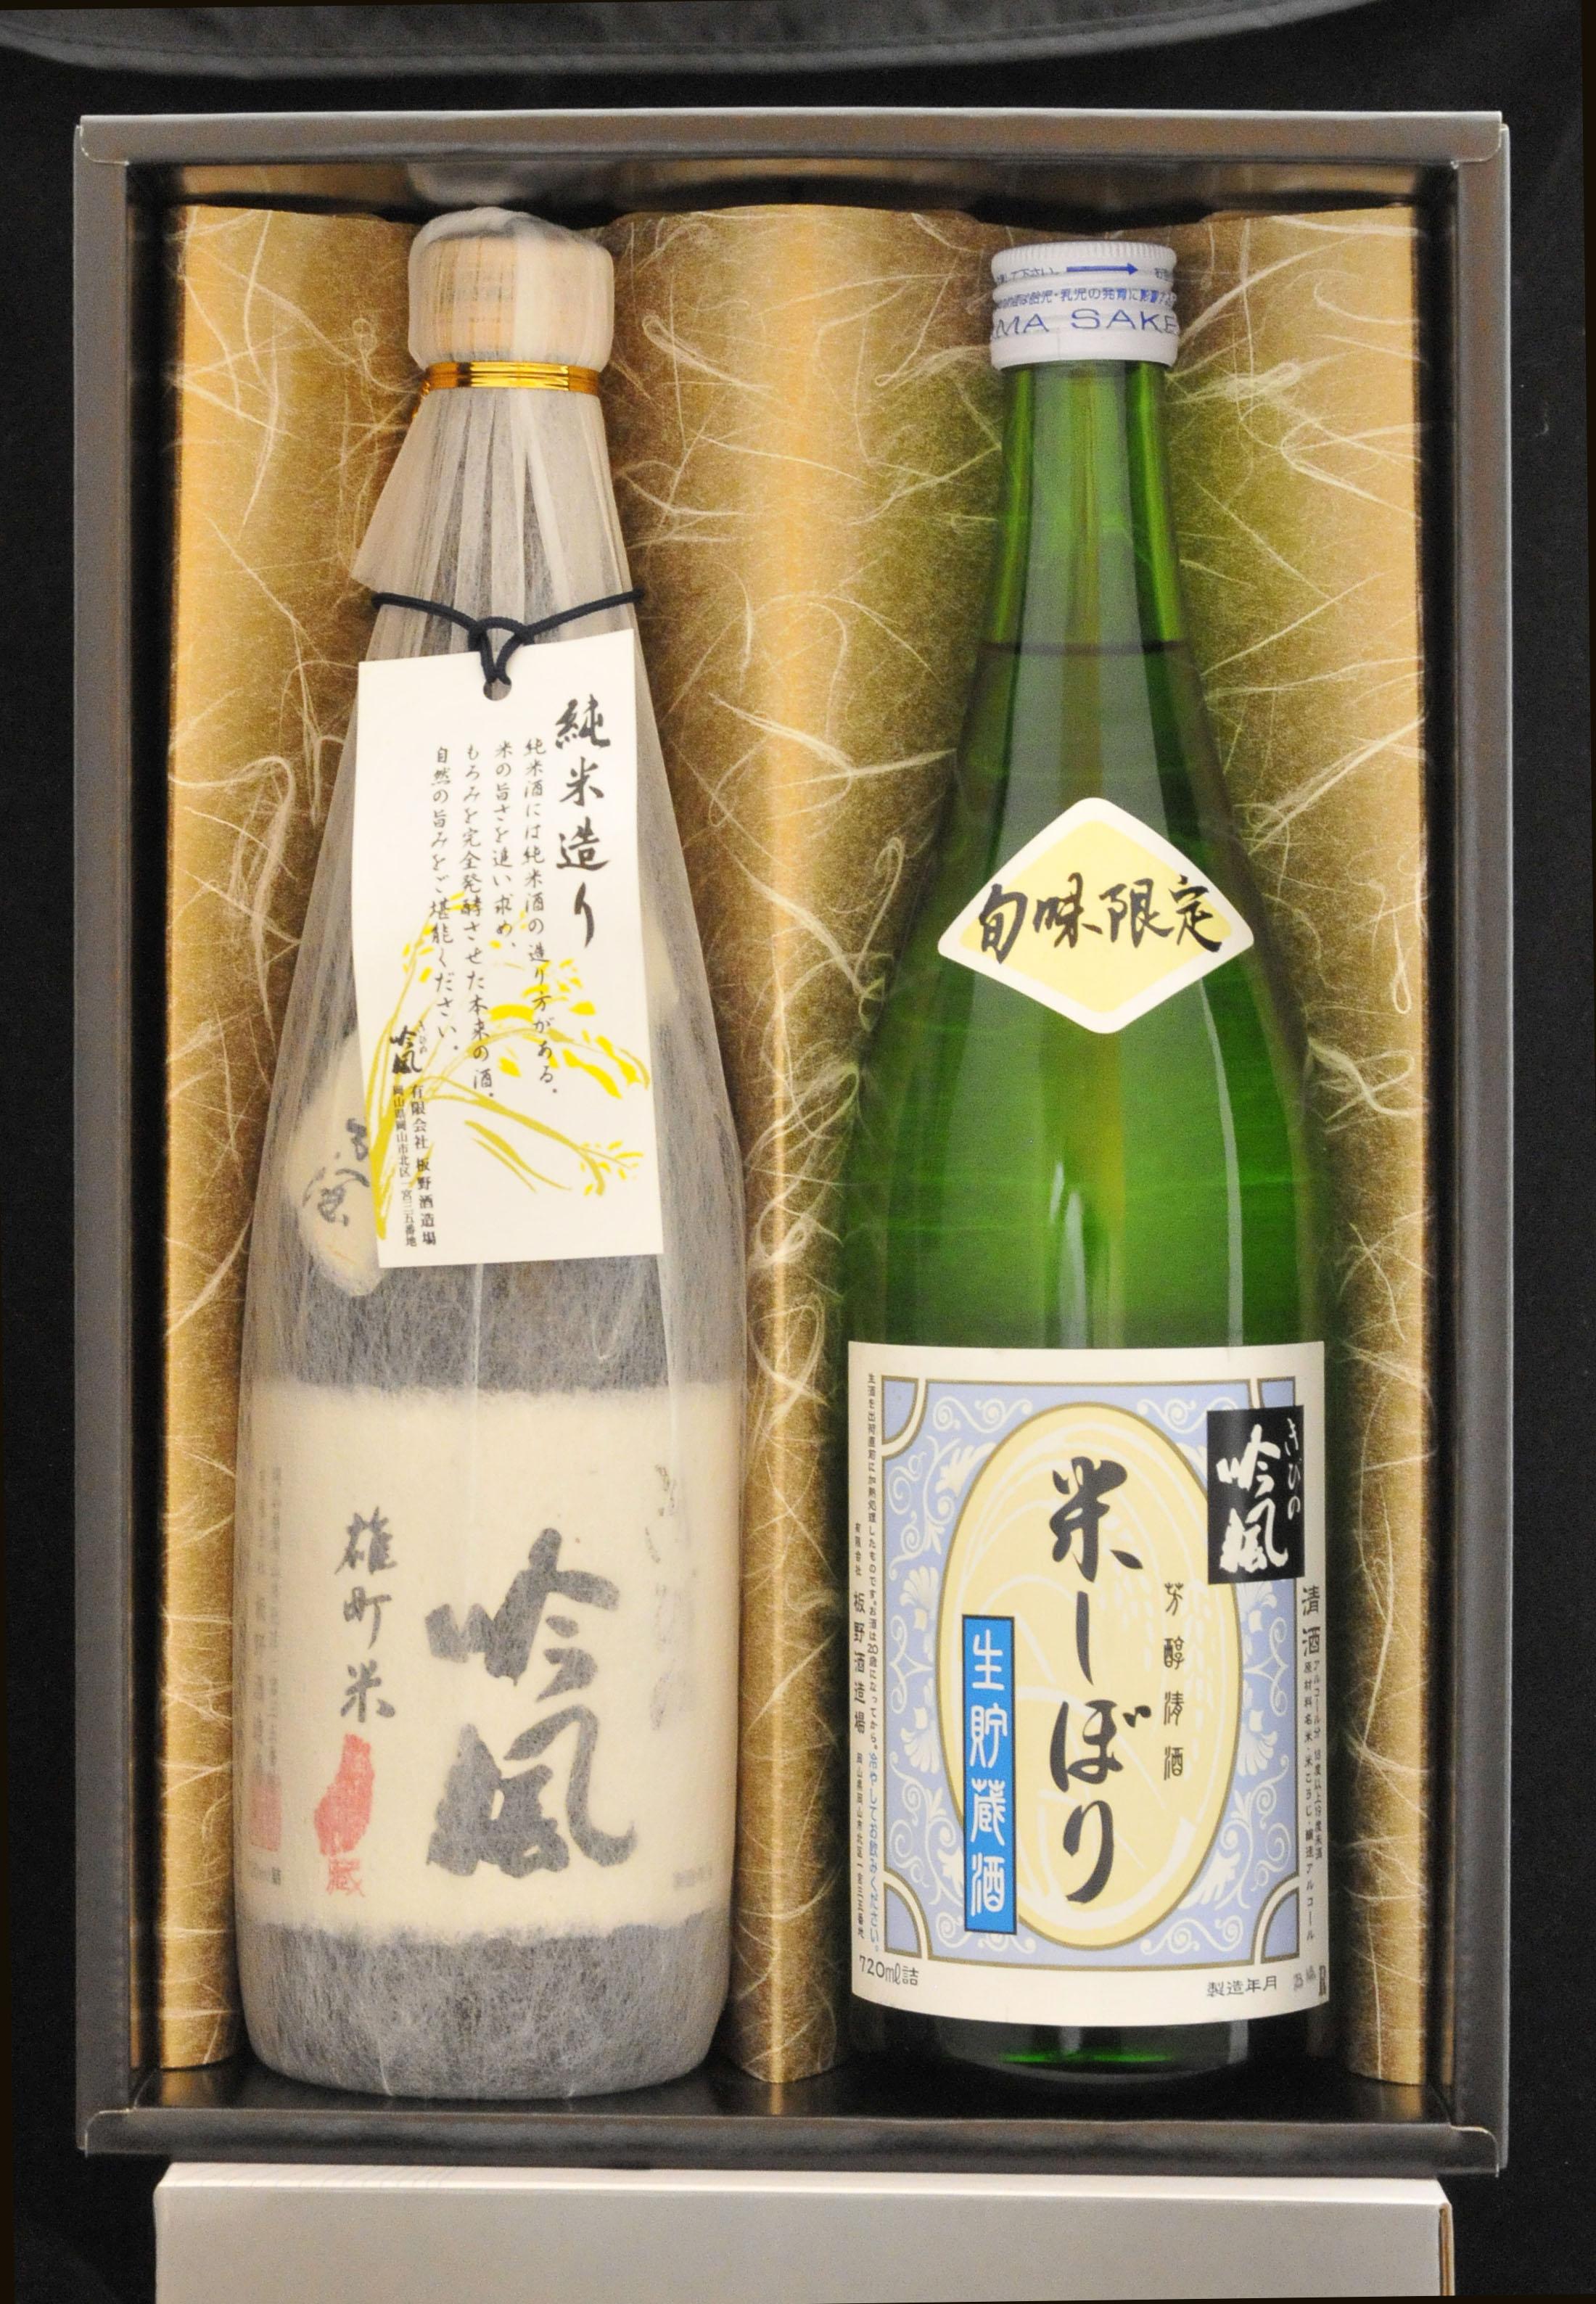 お中元,食品・地酒ギフトきびの吟風 吟造り米純米酒 米しぼり生酒原酒 720ml  2本セット